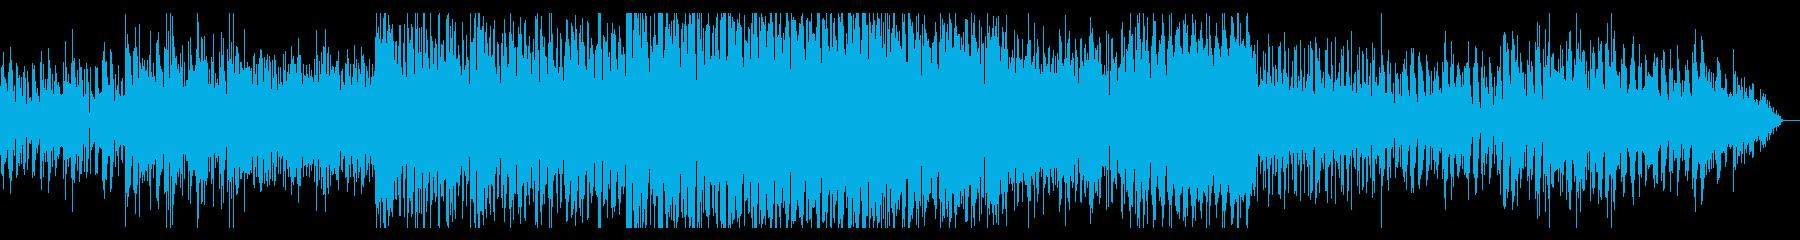 ダンスミュージック風シネマティックテクノの再生済みの波形